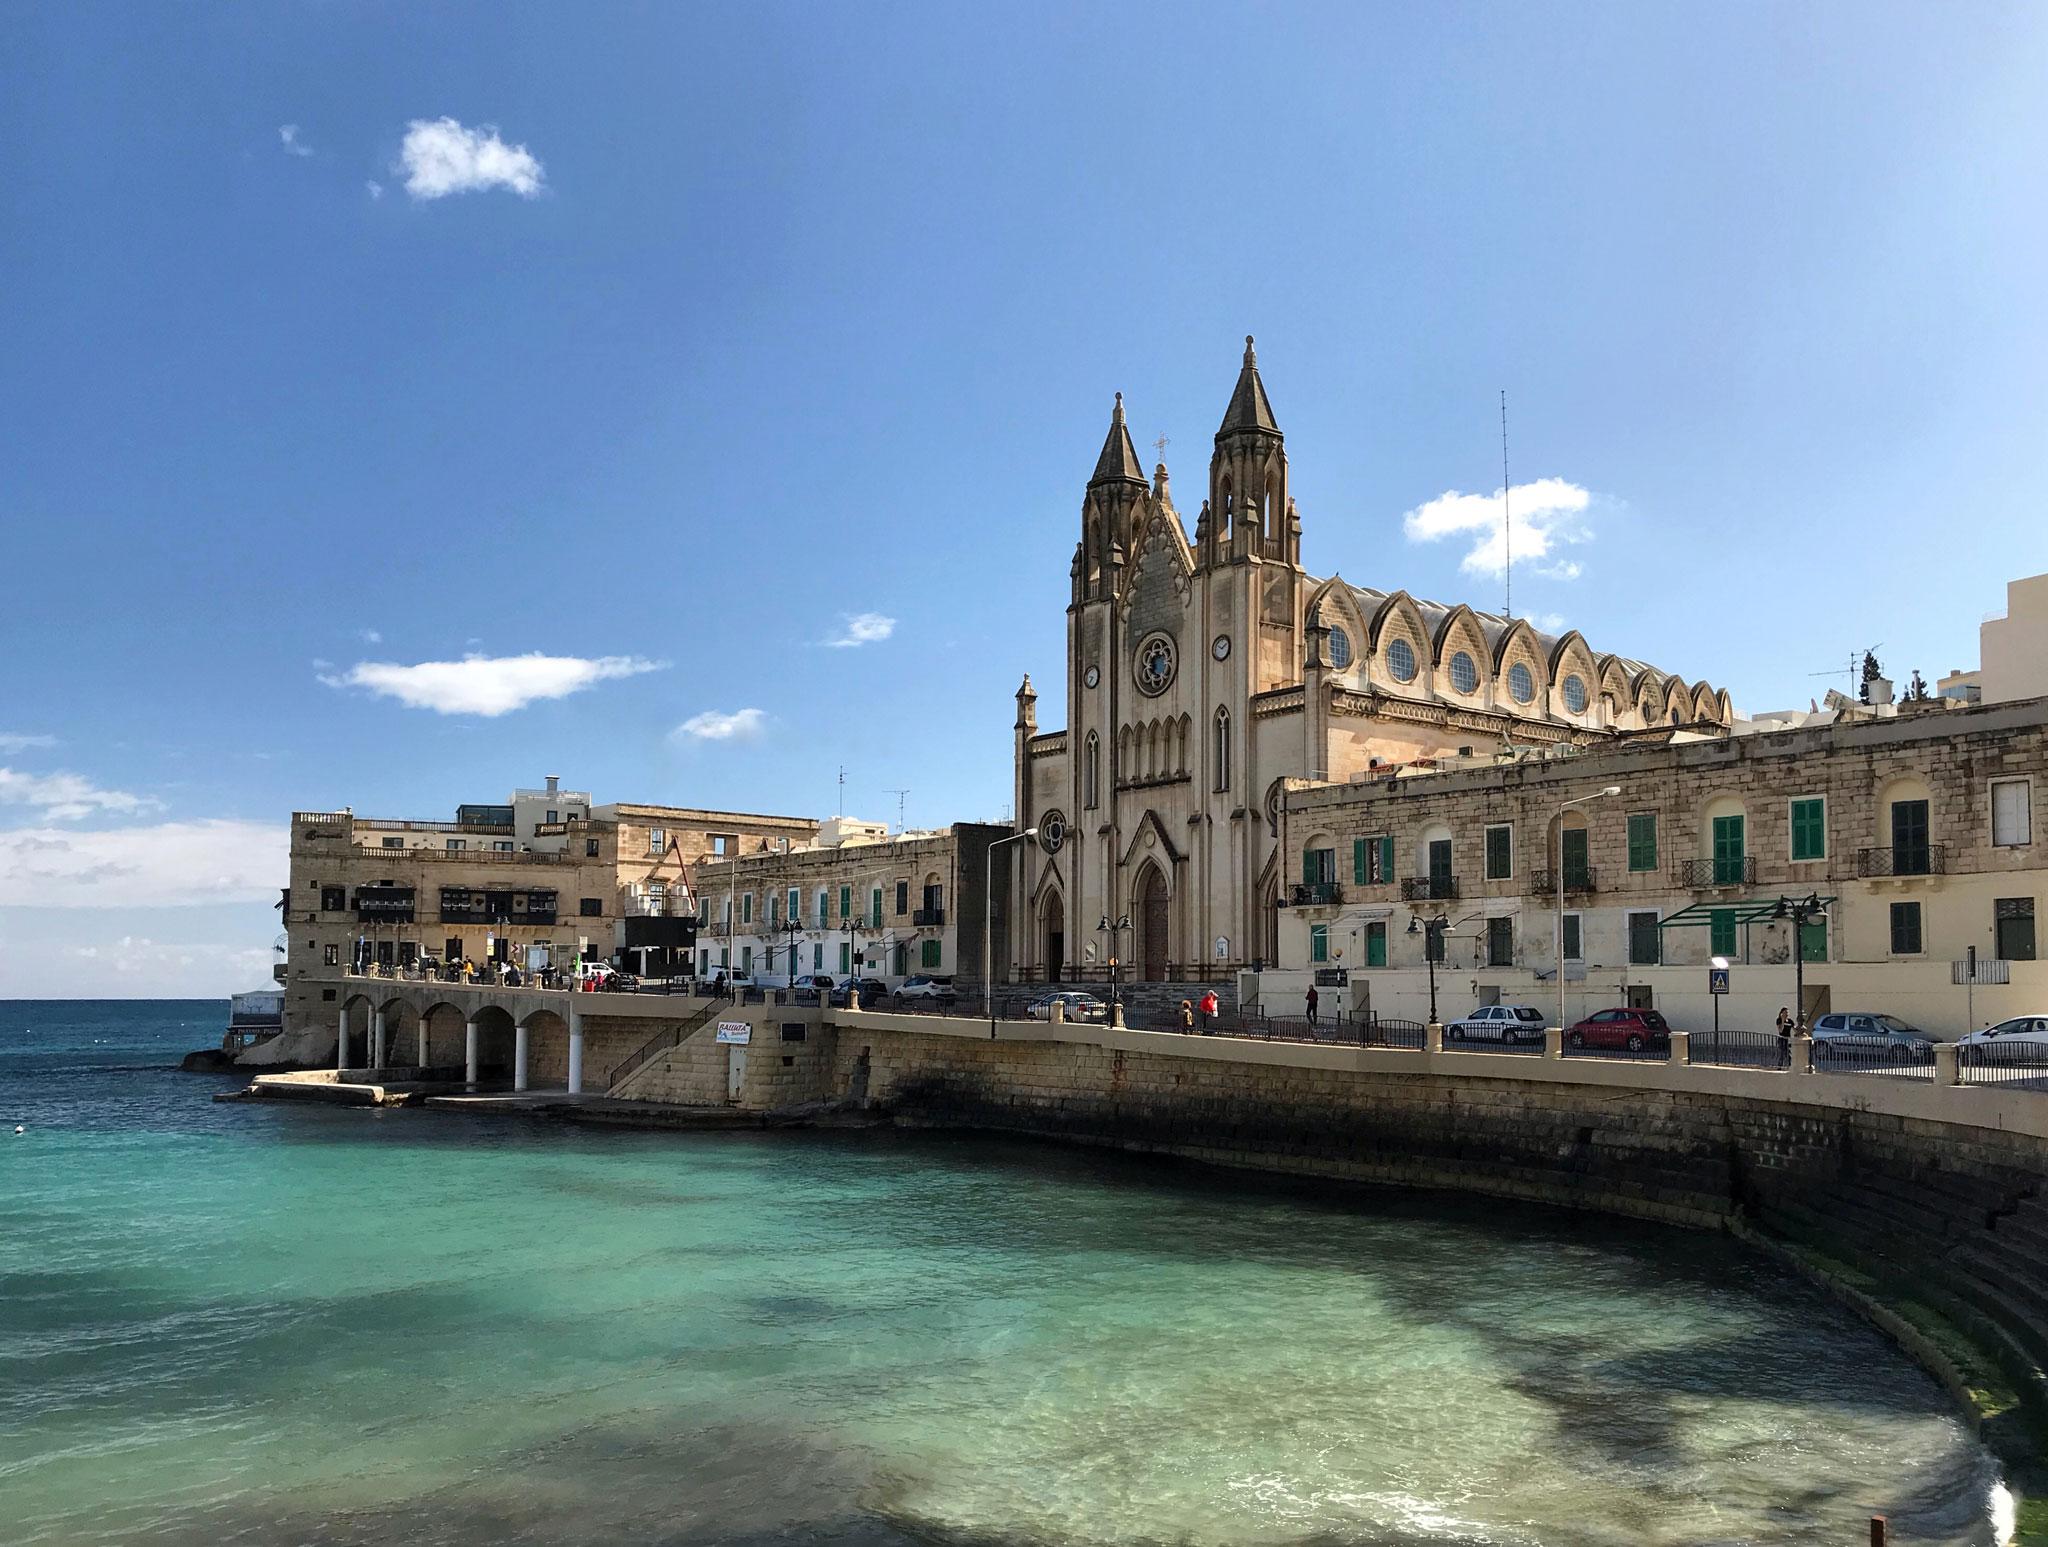 St-Julians-Malta-chiesa-mare-azzurro